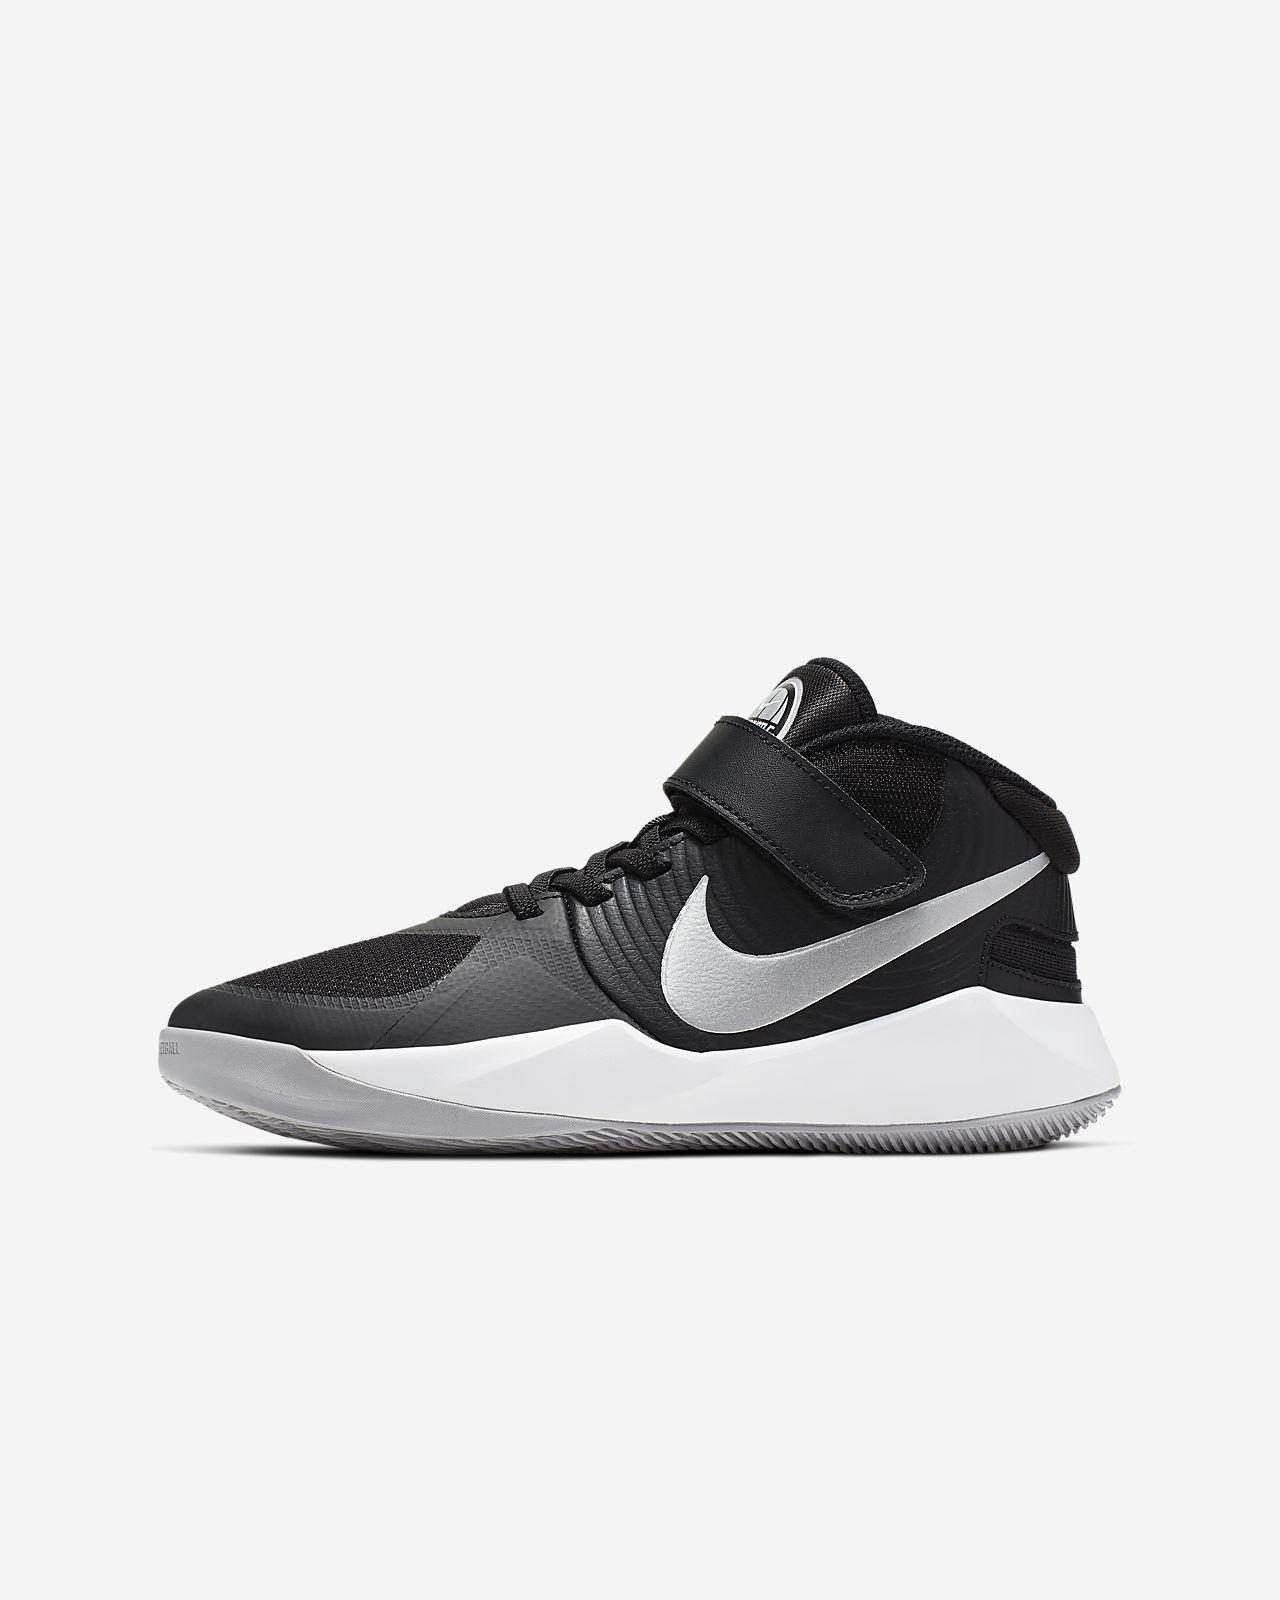 Nike Team Hustle D 9 Flyease kosárlabdacipő nagyobb gyerekeknek